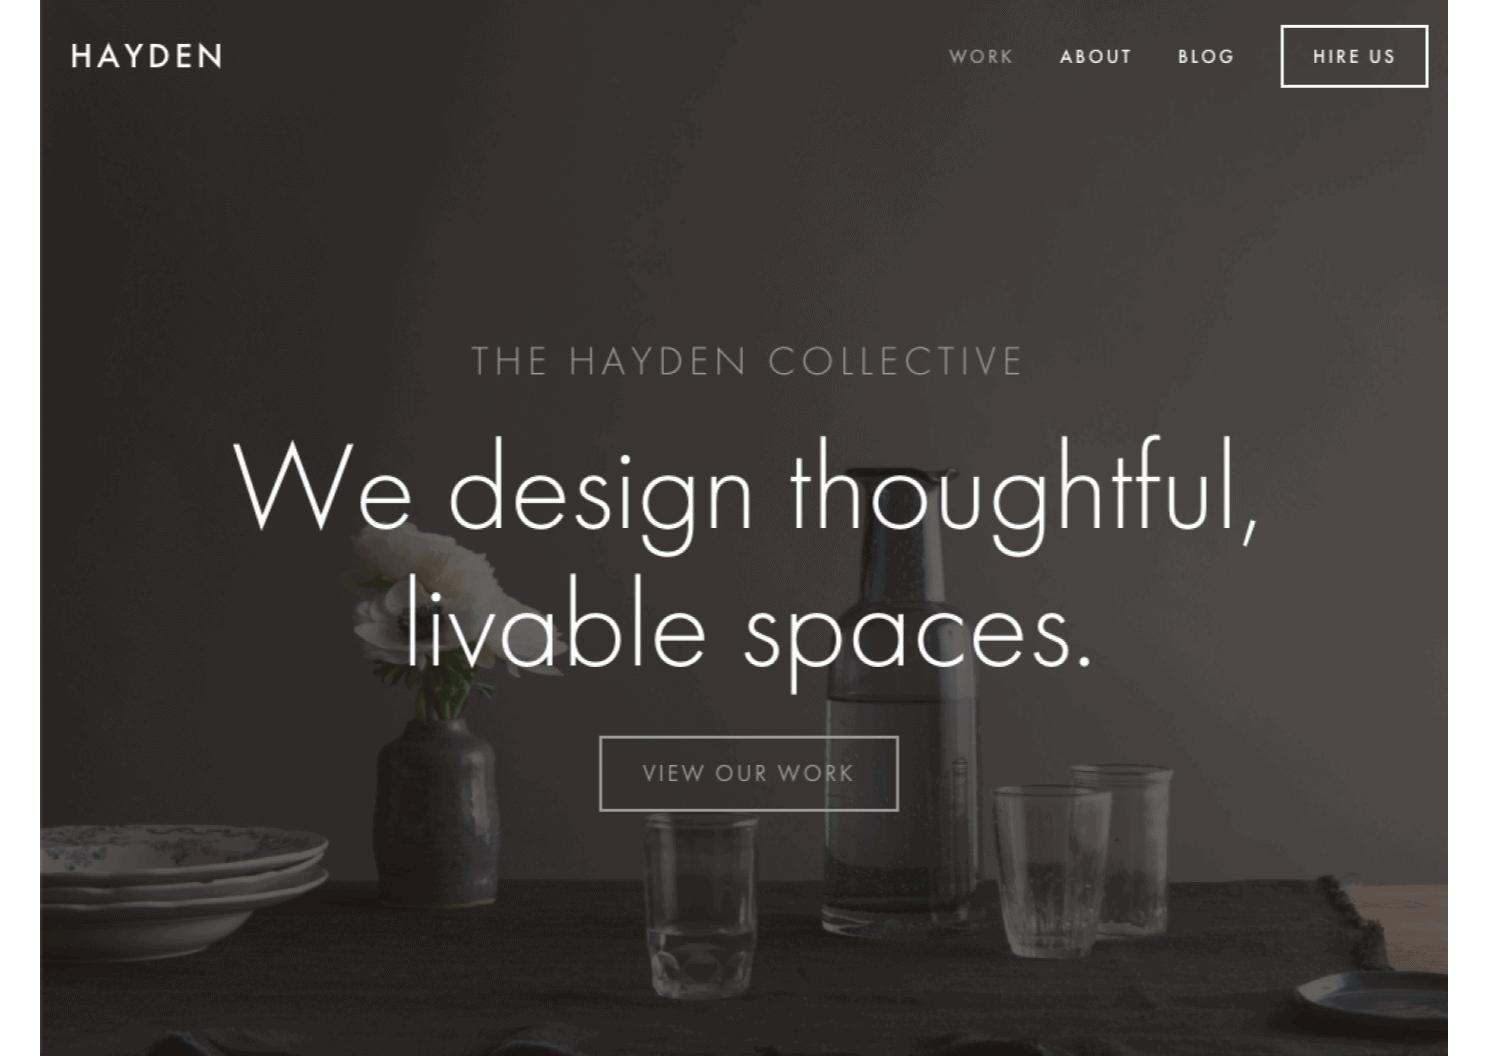 Squarespace Template - Hayden